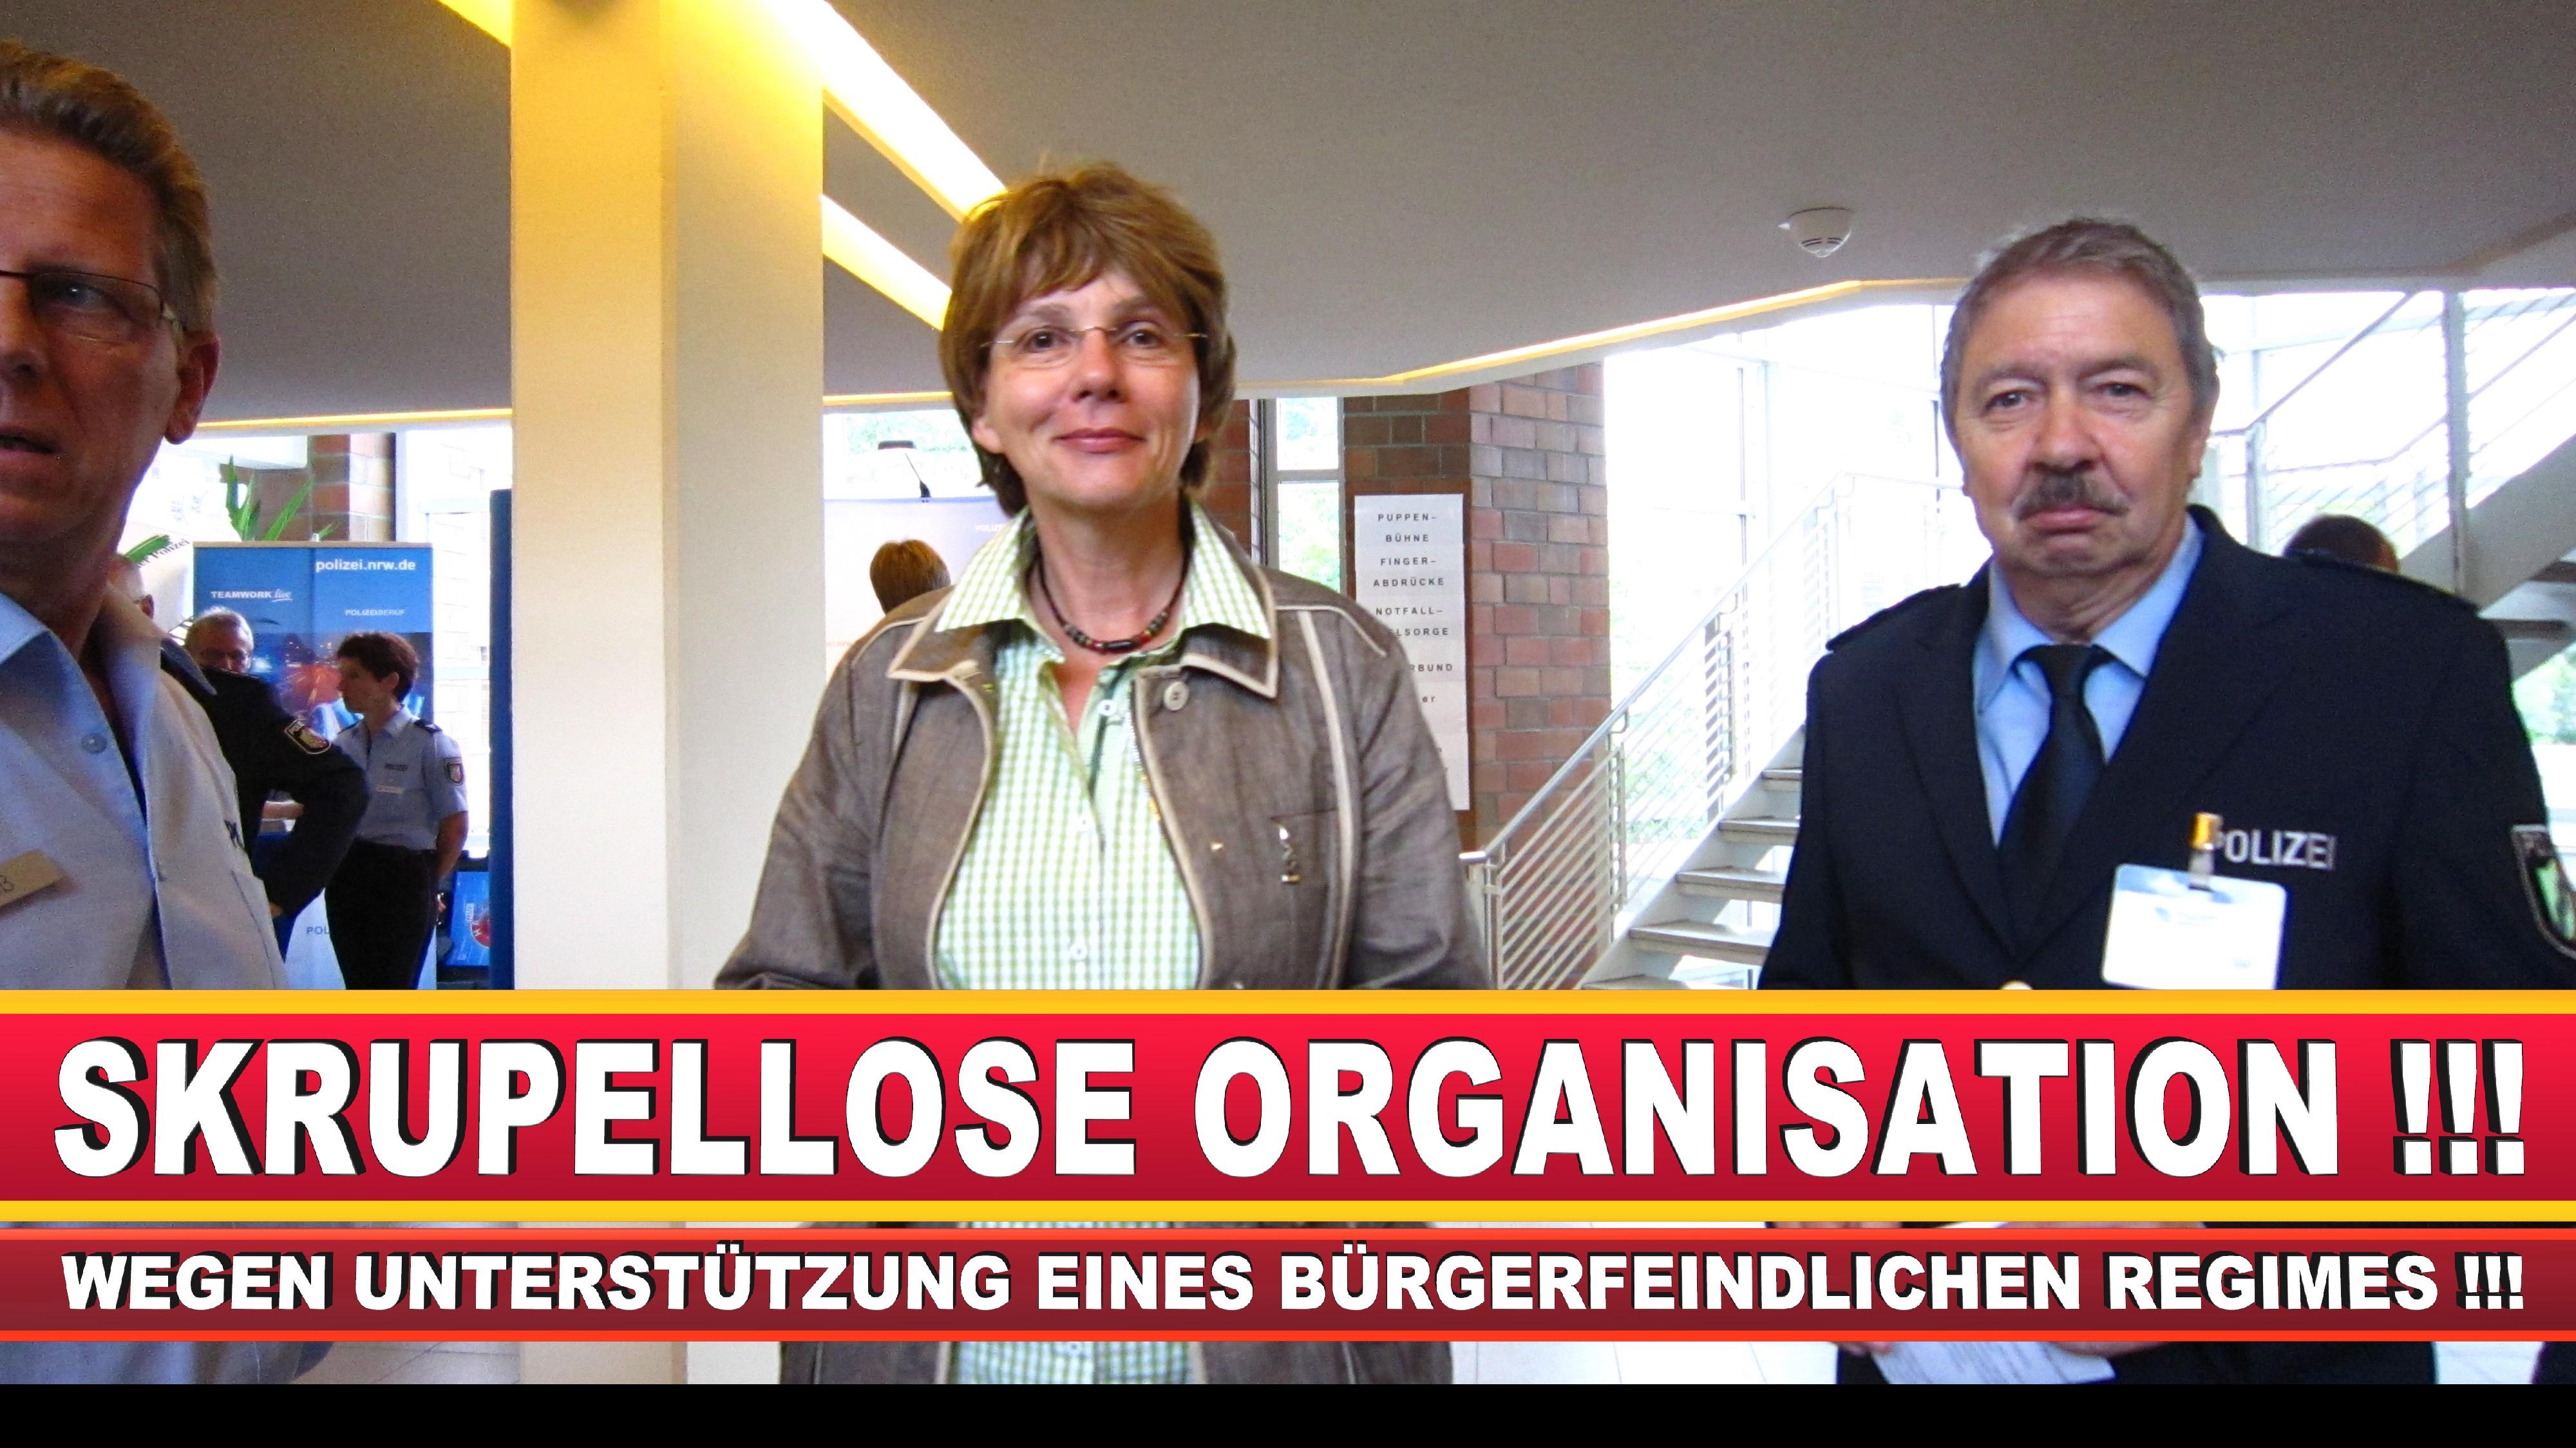 Polizeipräsidentin Katharina Giere Polizei Bielefeld NRW Erwin Südfeld Horst Kruse Polizeiuniform Polizeigewalt DEMONSTRATION Bahnhof (18)